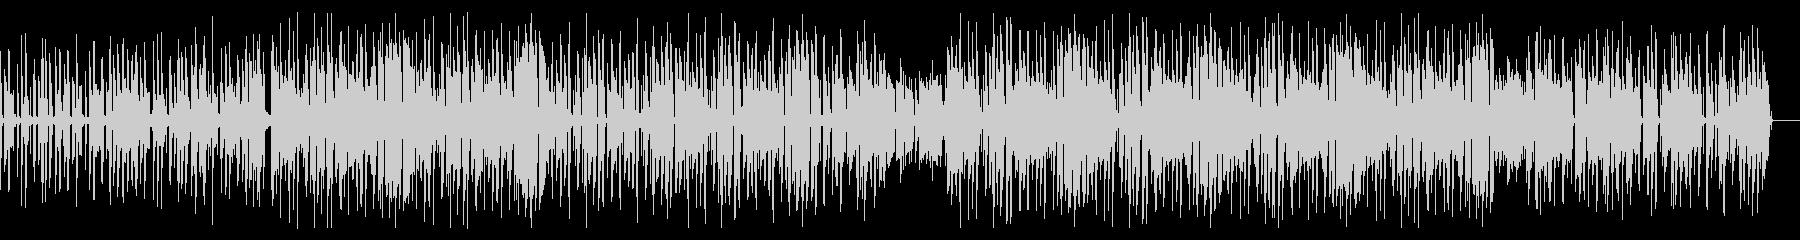 渋い ピアノ サックス ヒップホップの未再生の波形